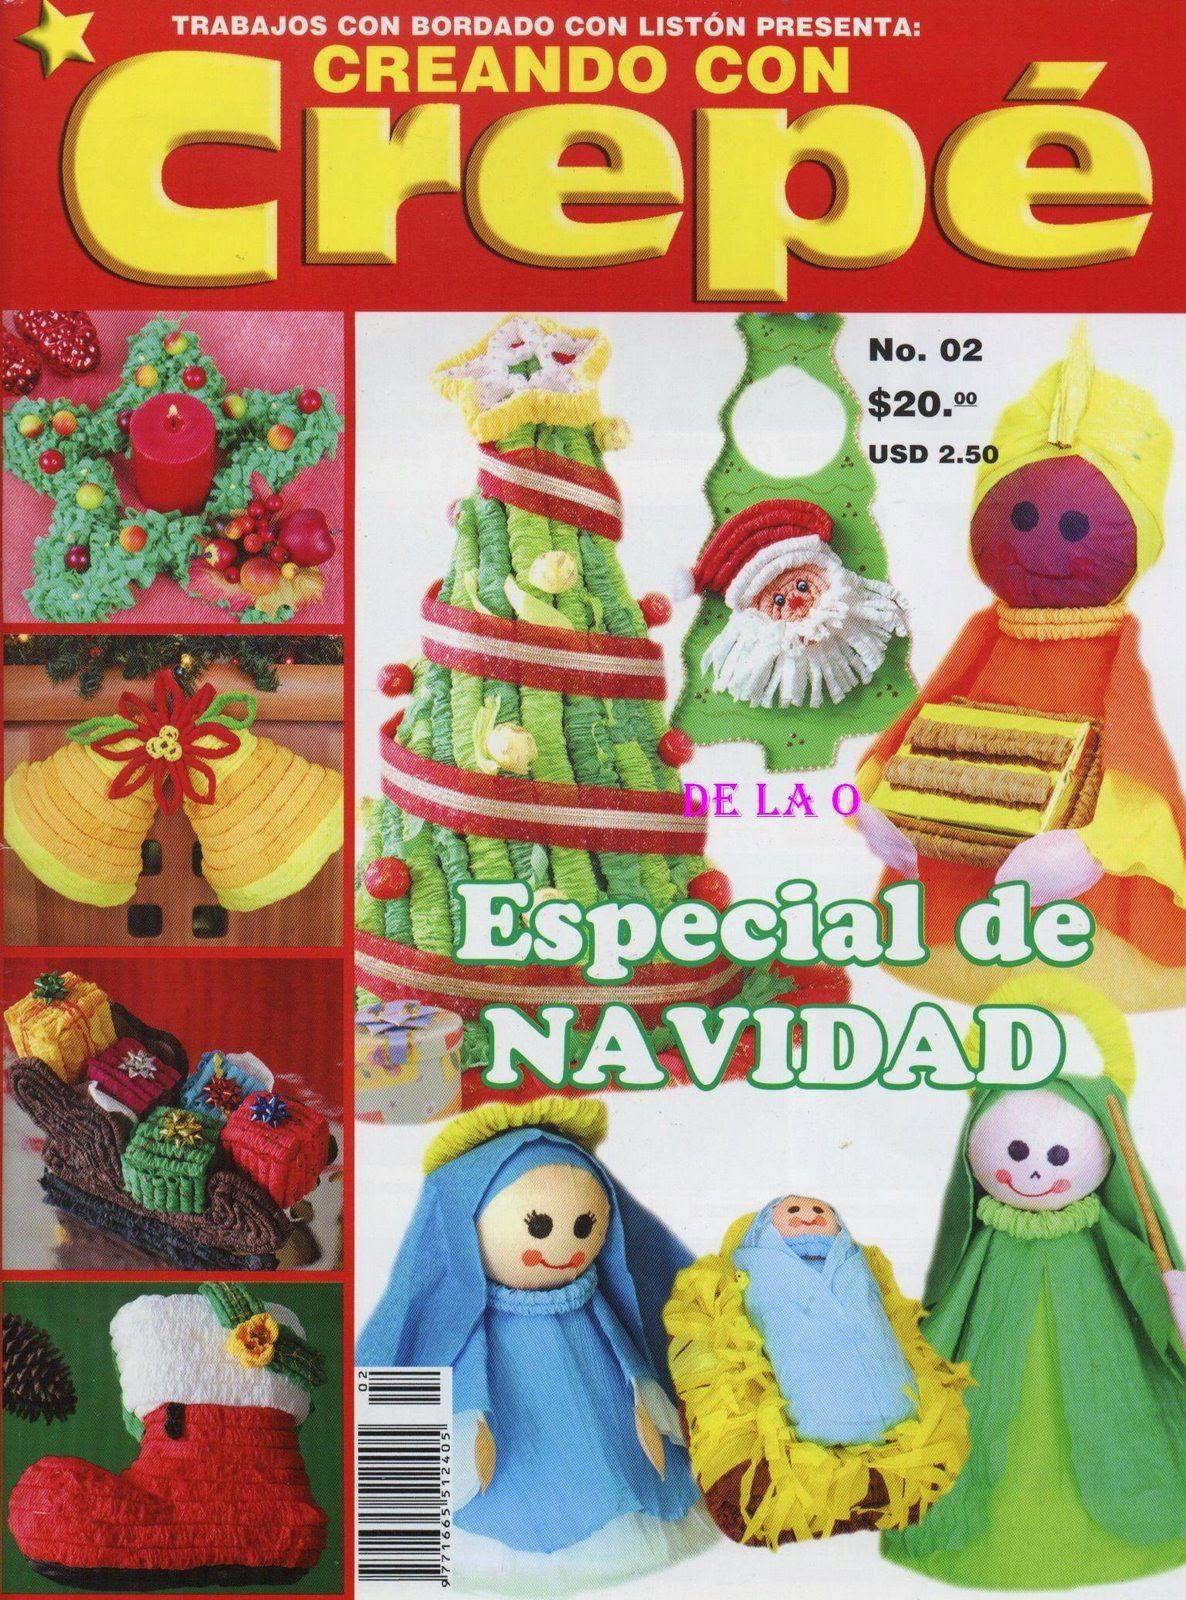 Manualidades en papel crepe para navidad revistas de navidad pinterest crepes and craft - Manualidades de navidad con papel ...